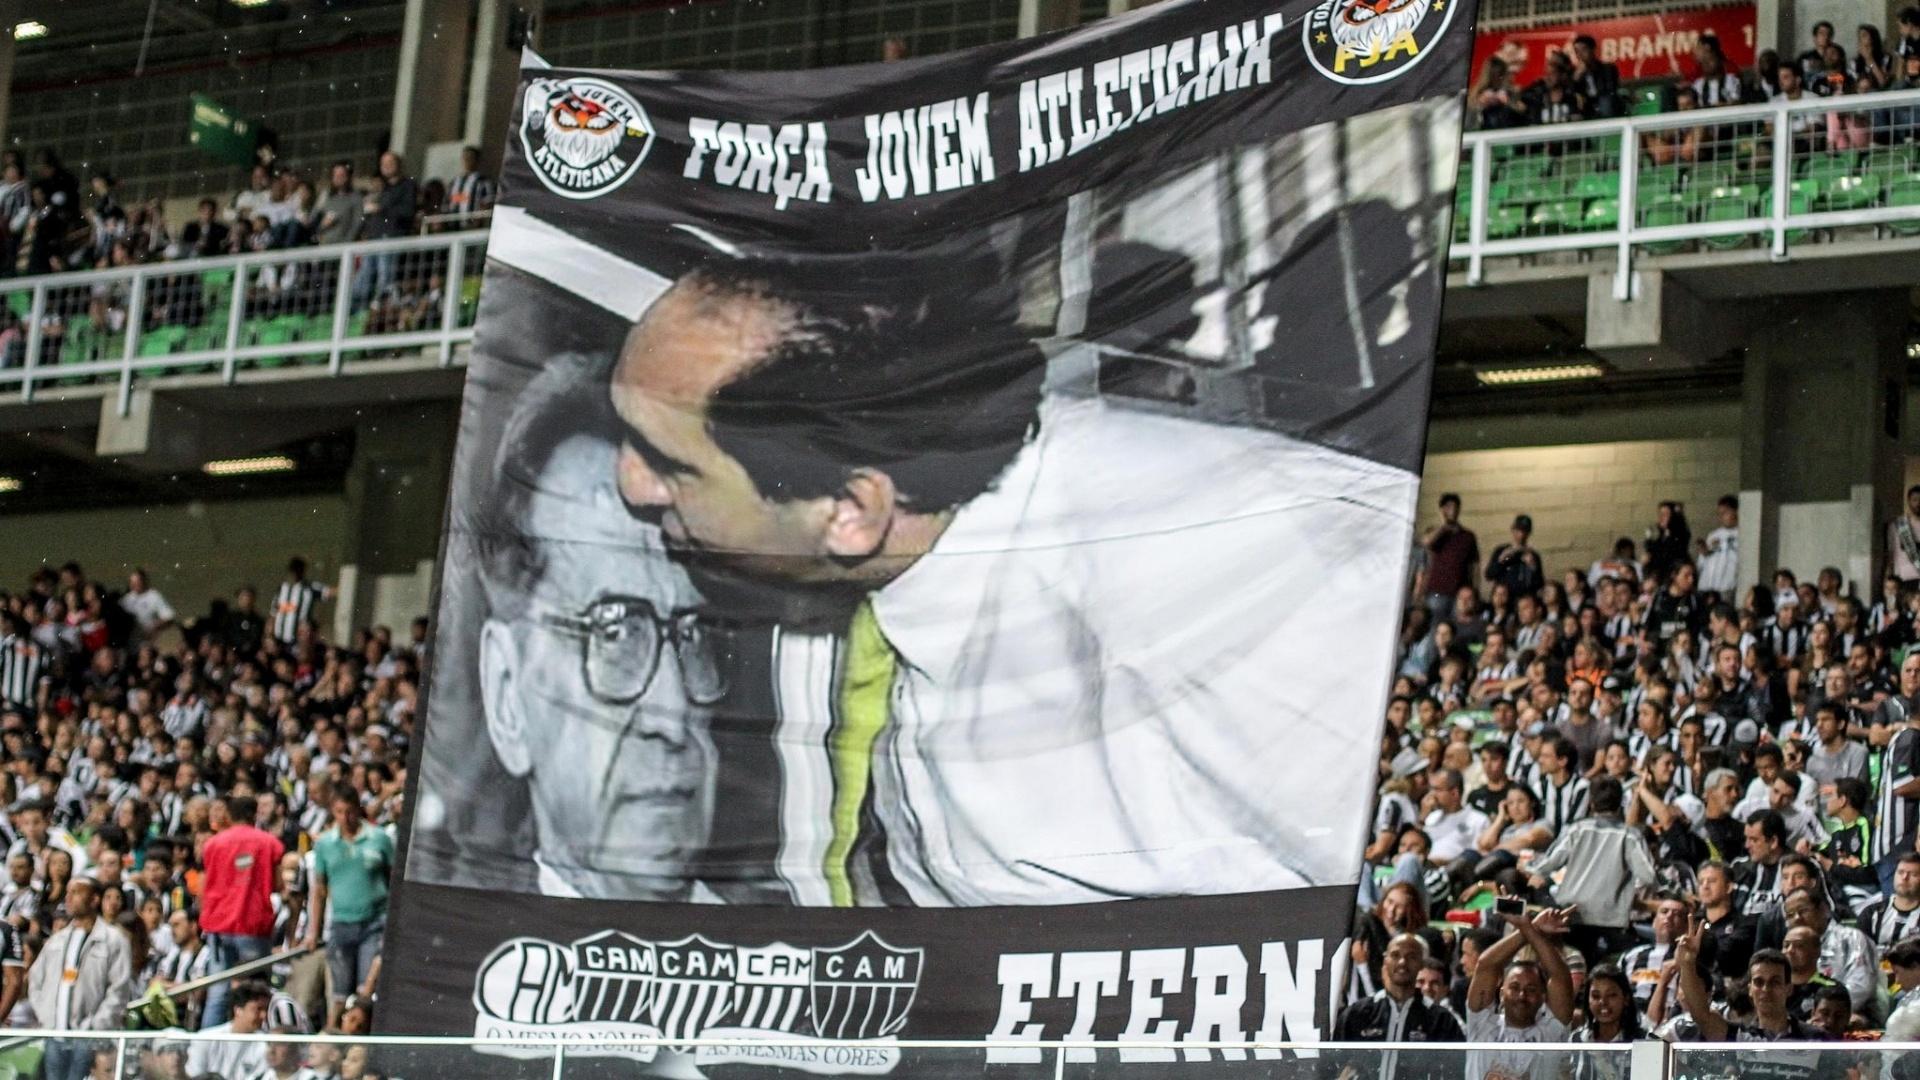 Torcida do Atlético-MG homenageia presidente Alexandre Kalil com faixa nas arquibancadas